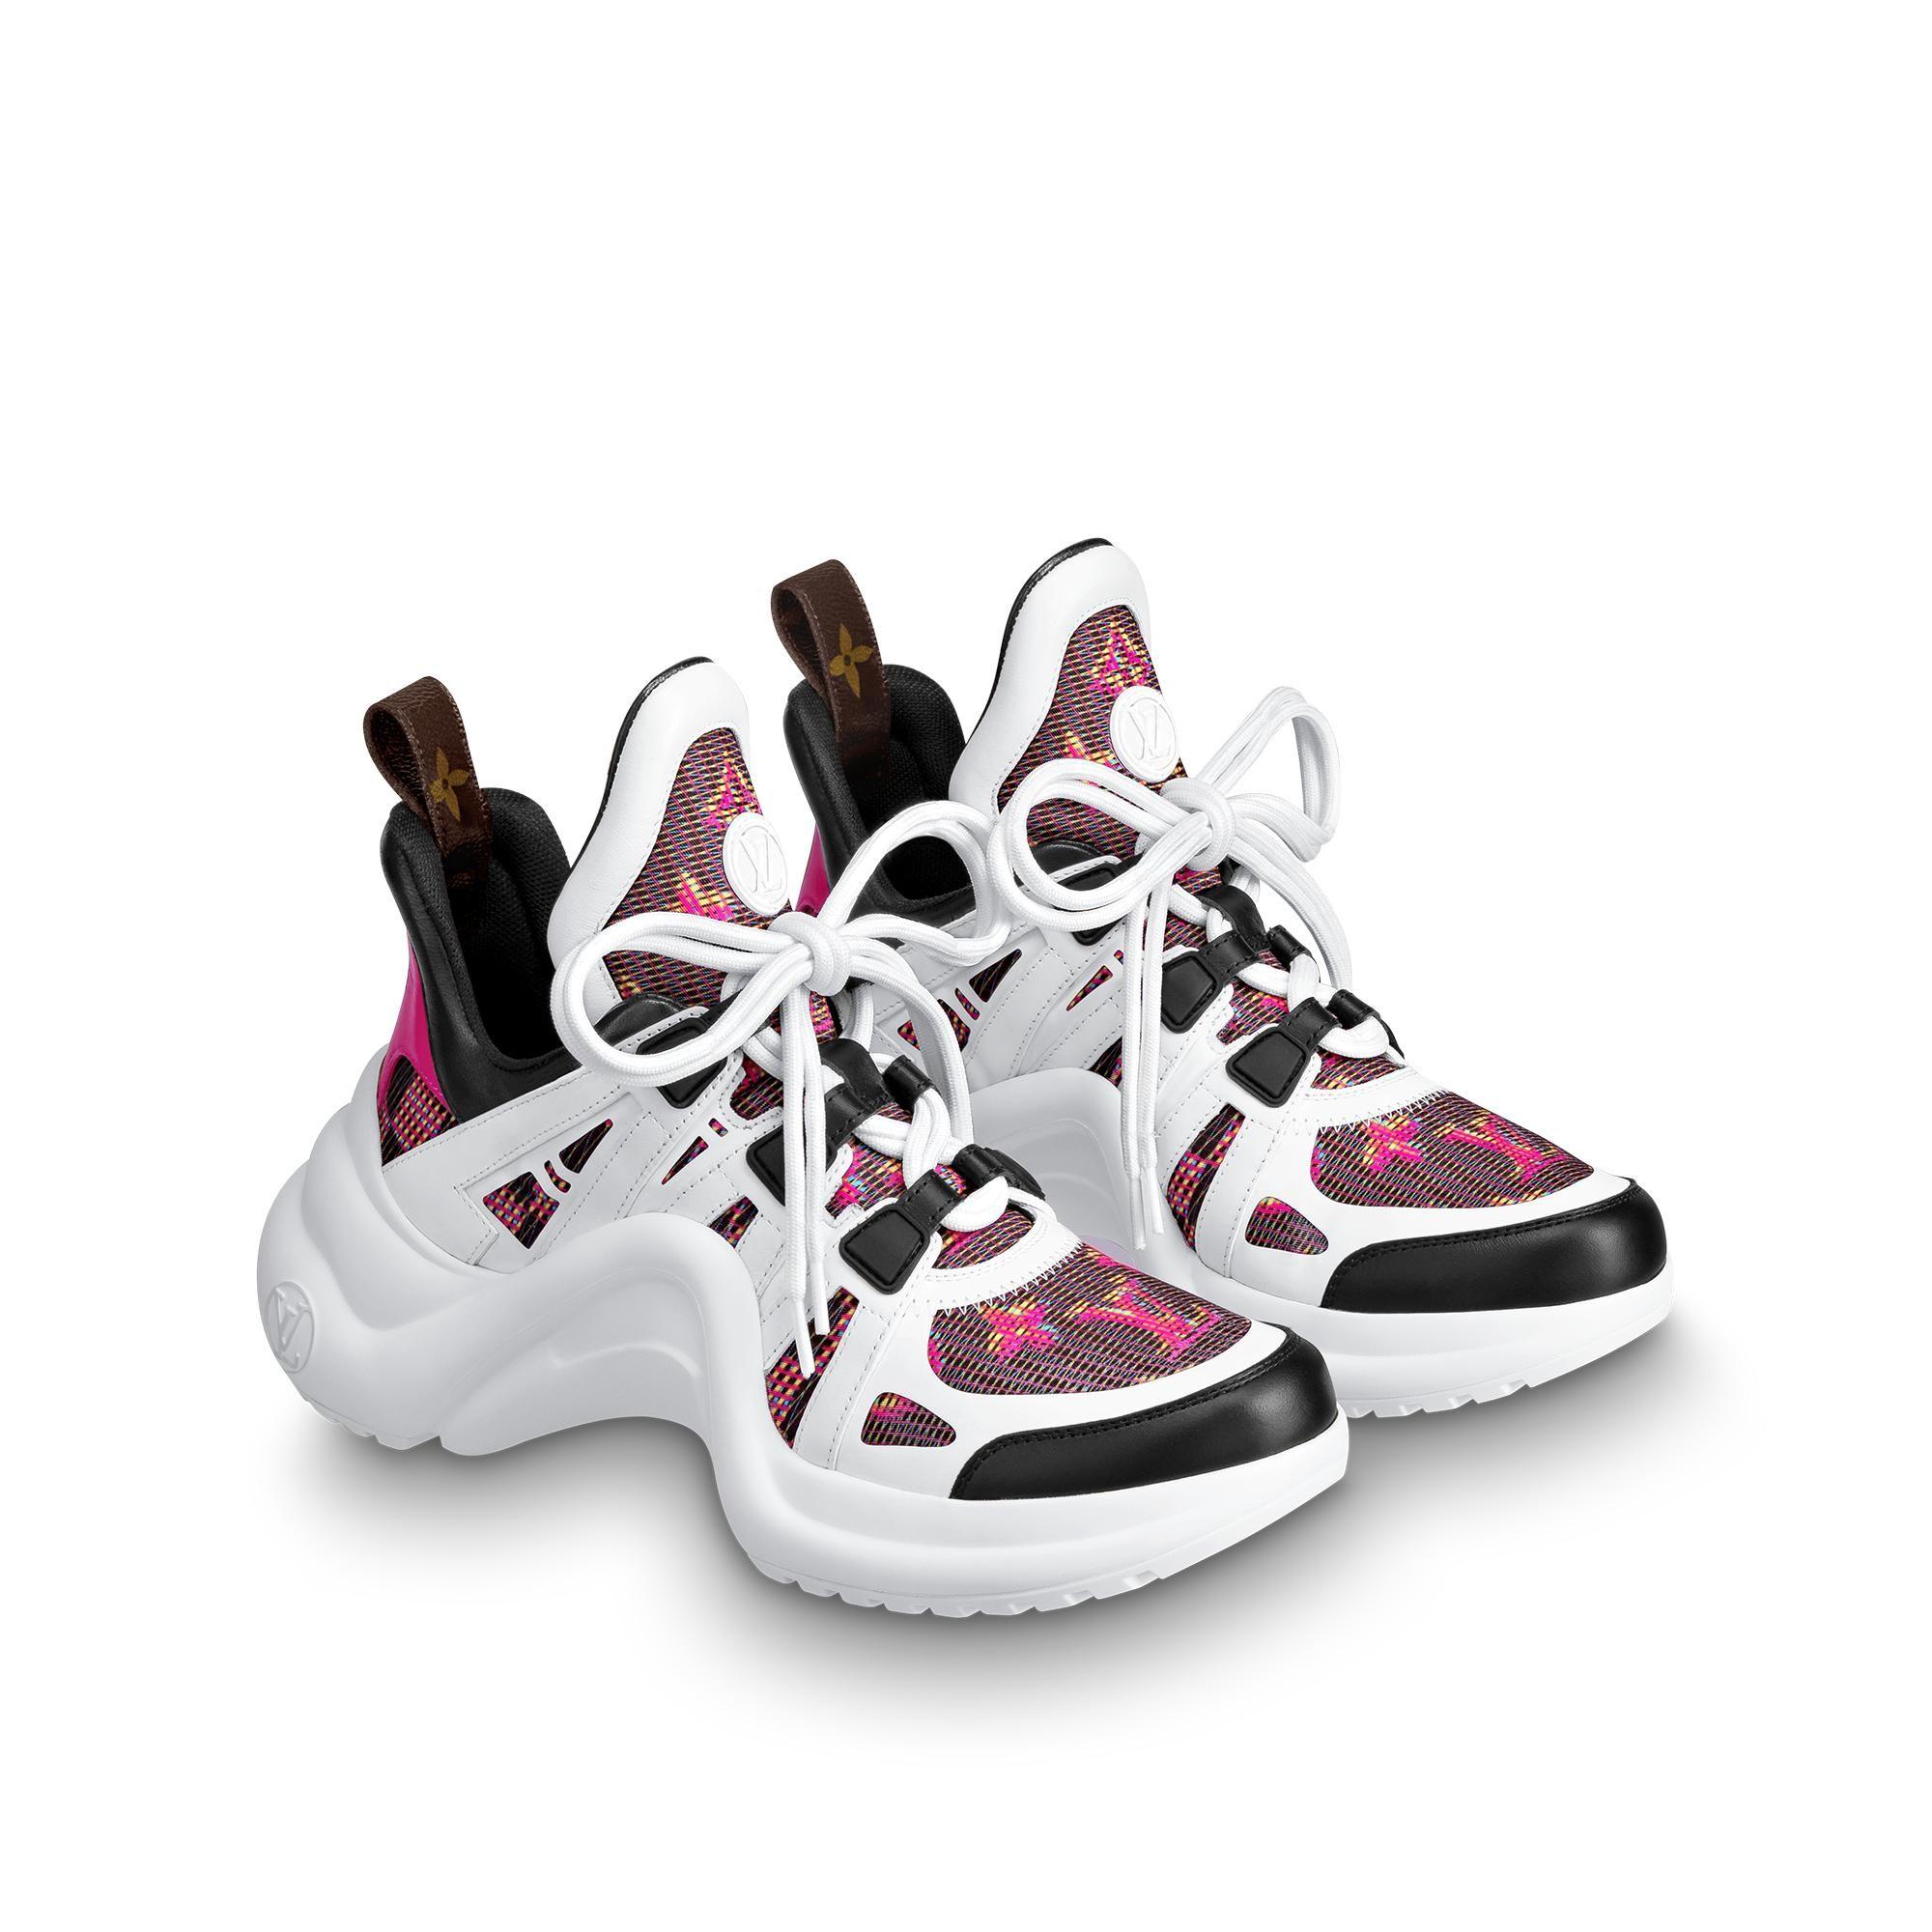 Louis Vuitton Louis Vuitton Sneakers Sneakers Louis Vuitton